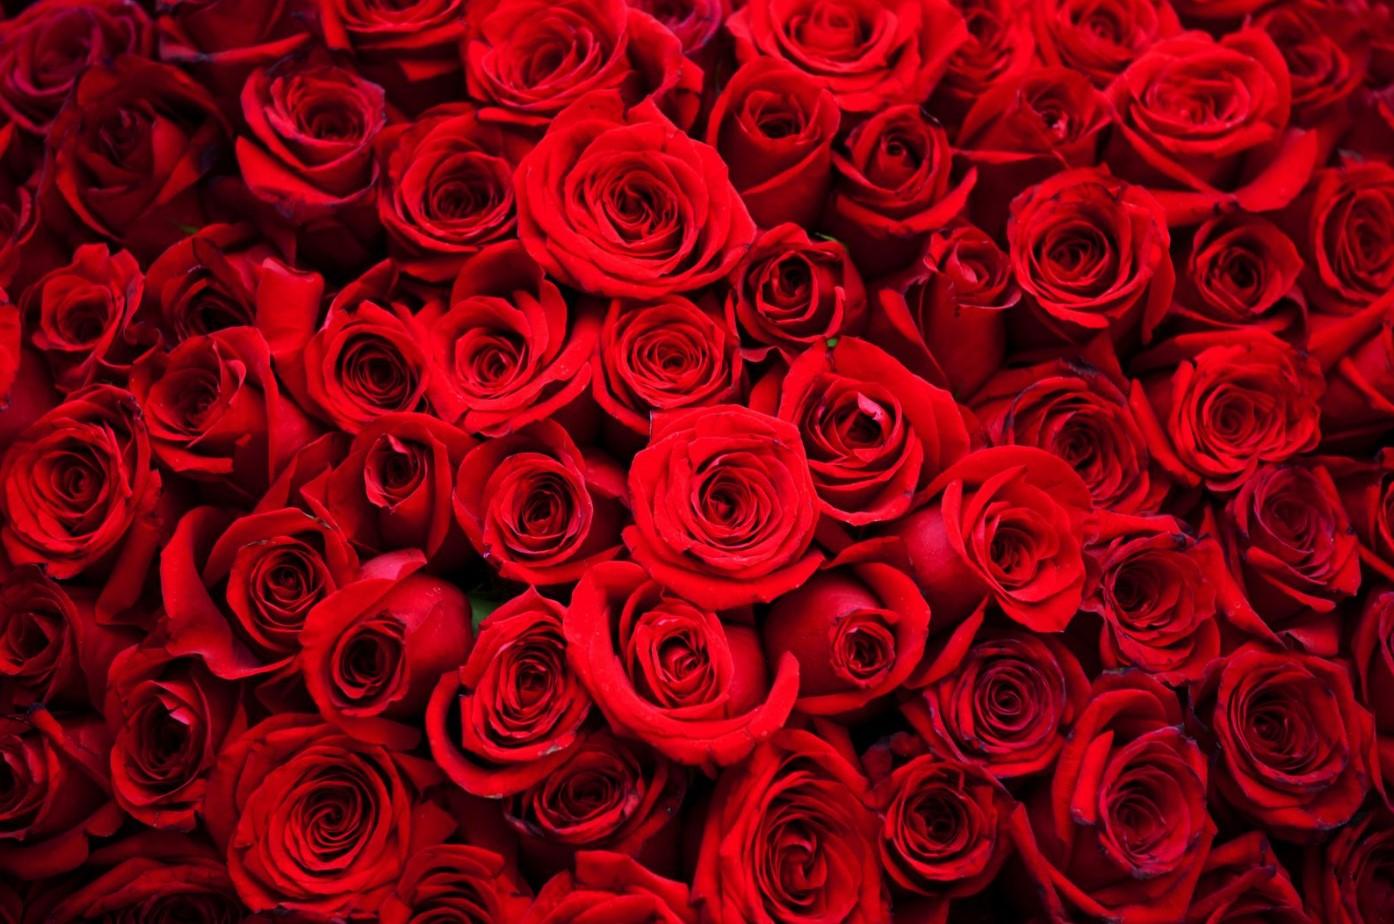 Купить миллион роз в компании ФАВОРИТ в Санкт-Петербурге.